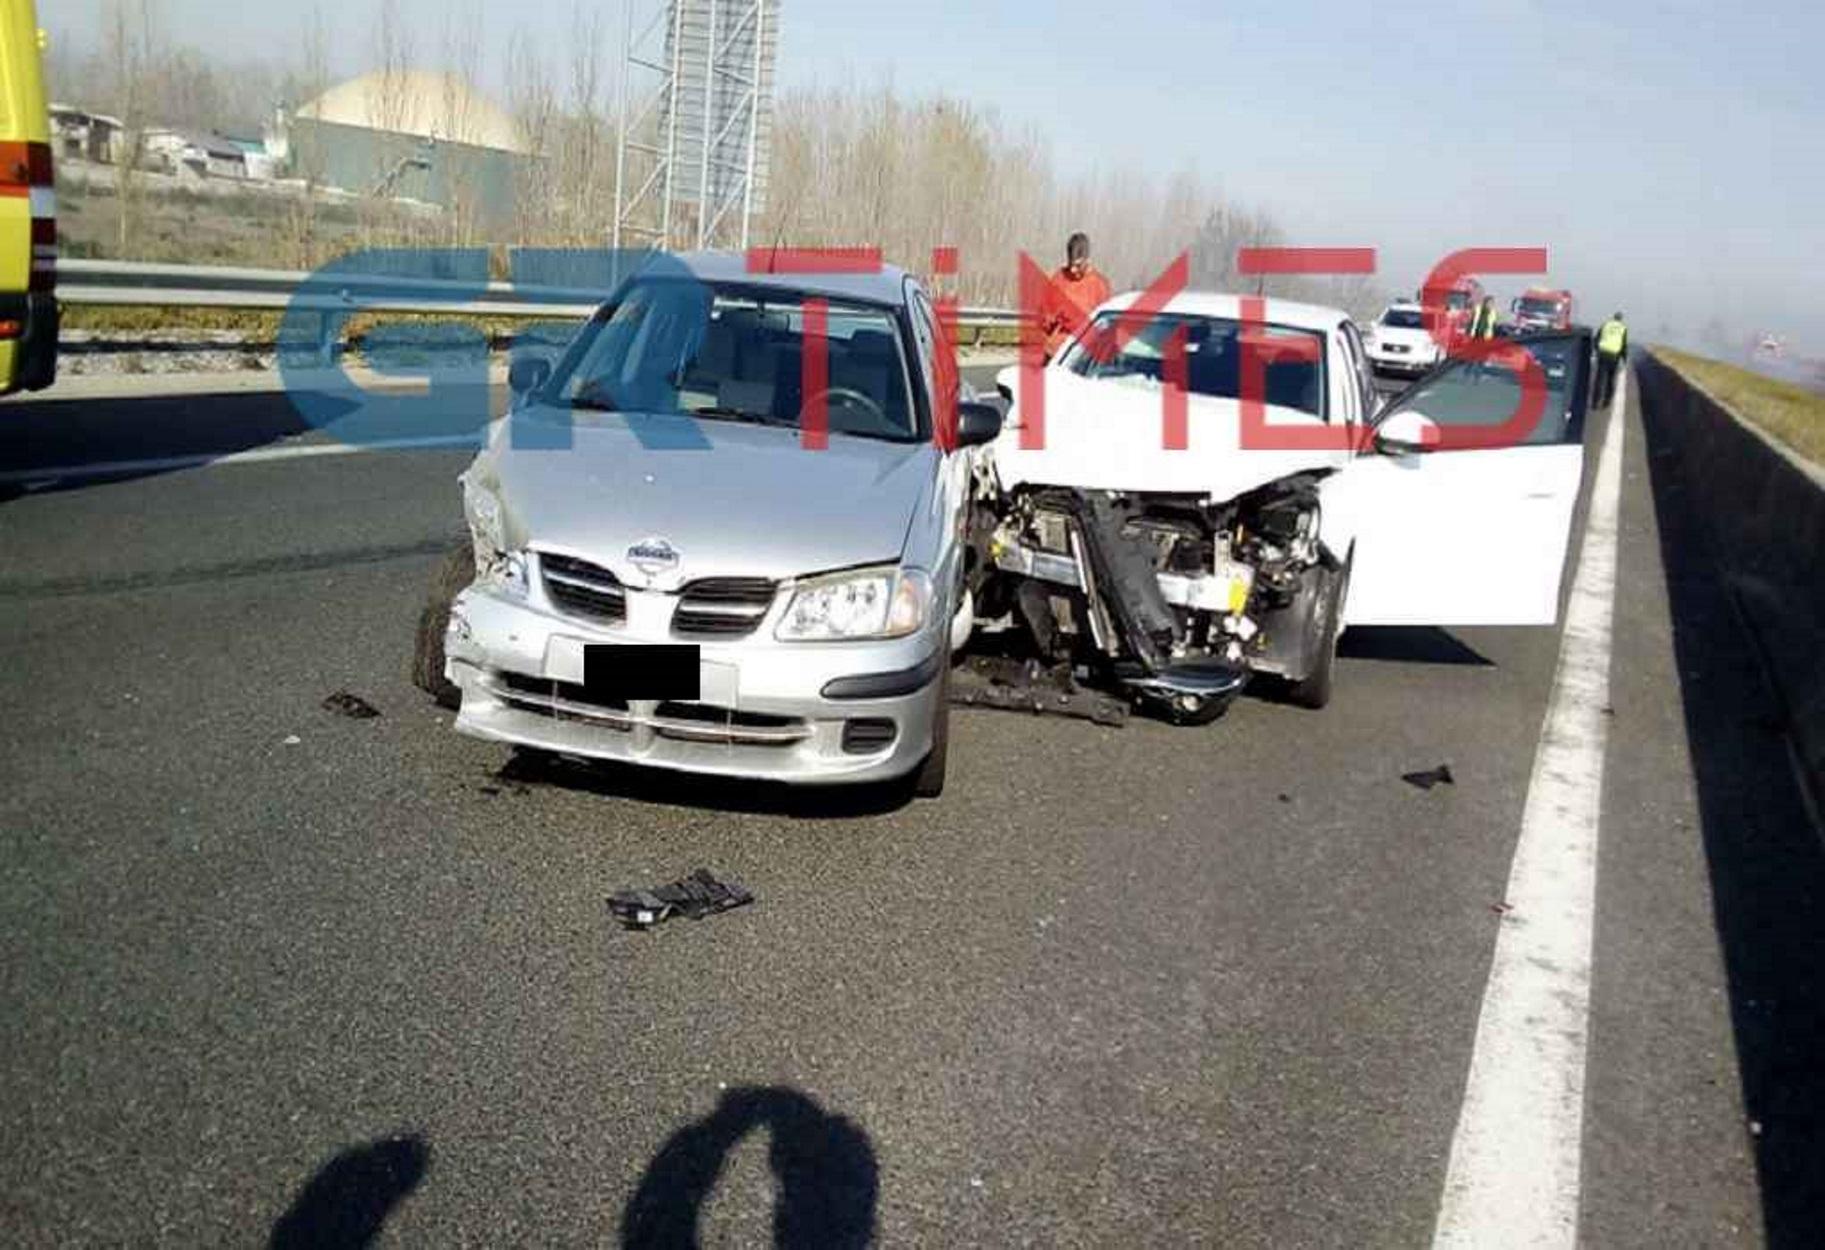 Τρομερή καραμπόλα με πολλά αυτοκίνητα στην Εγνατία - Σοκαριστικές φωτογραφίες!